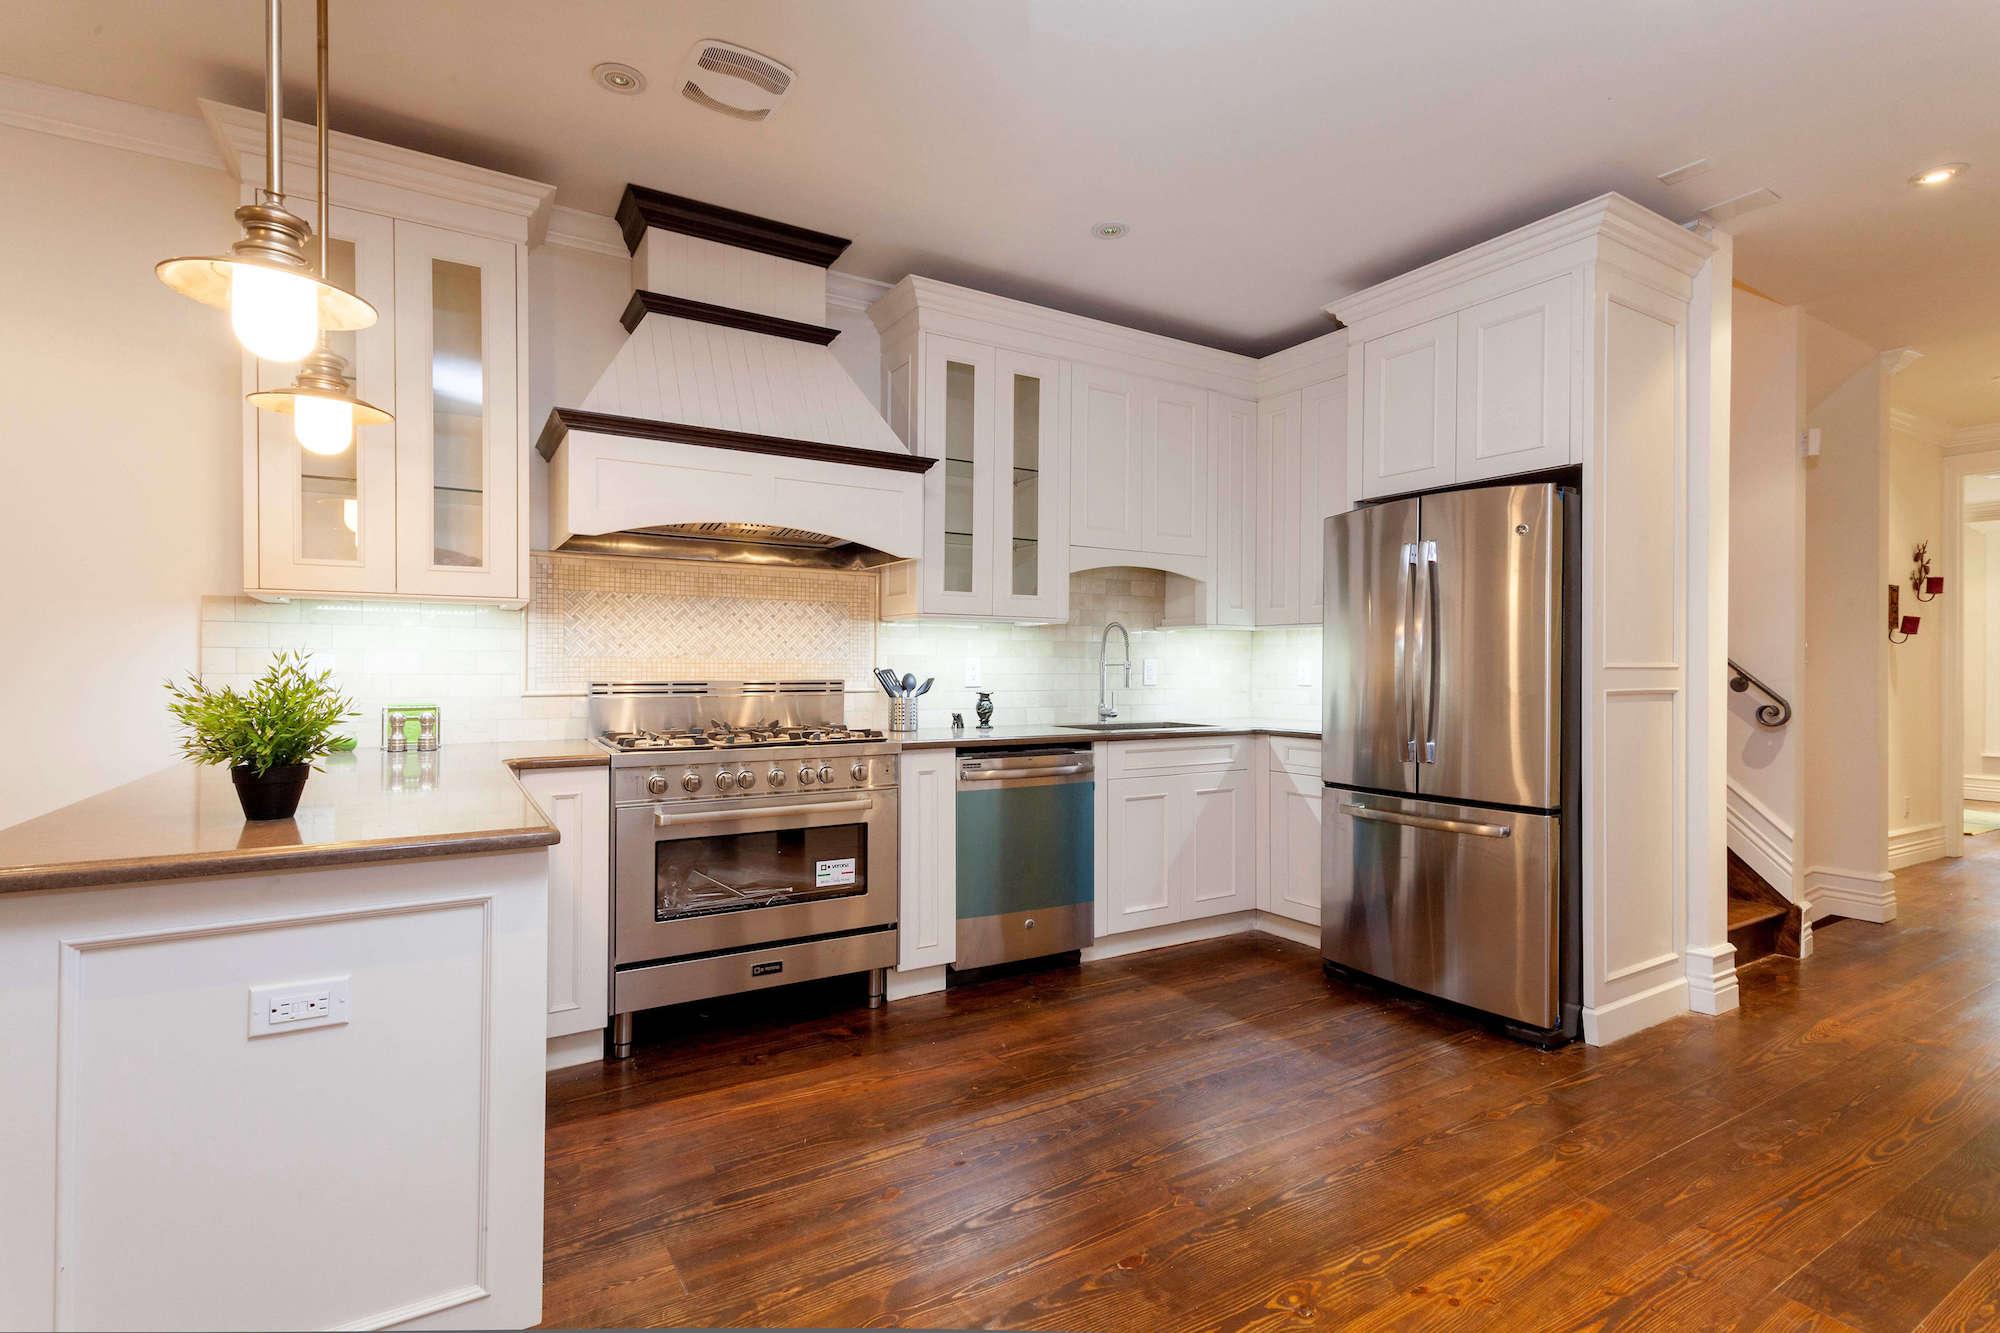 Modern kitchen in Brooklyn Brownstone